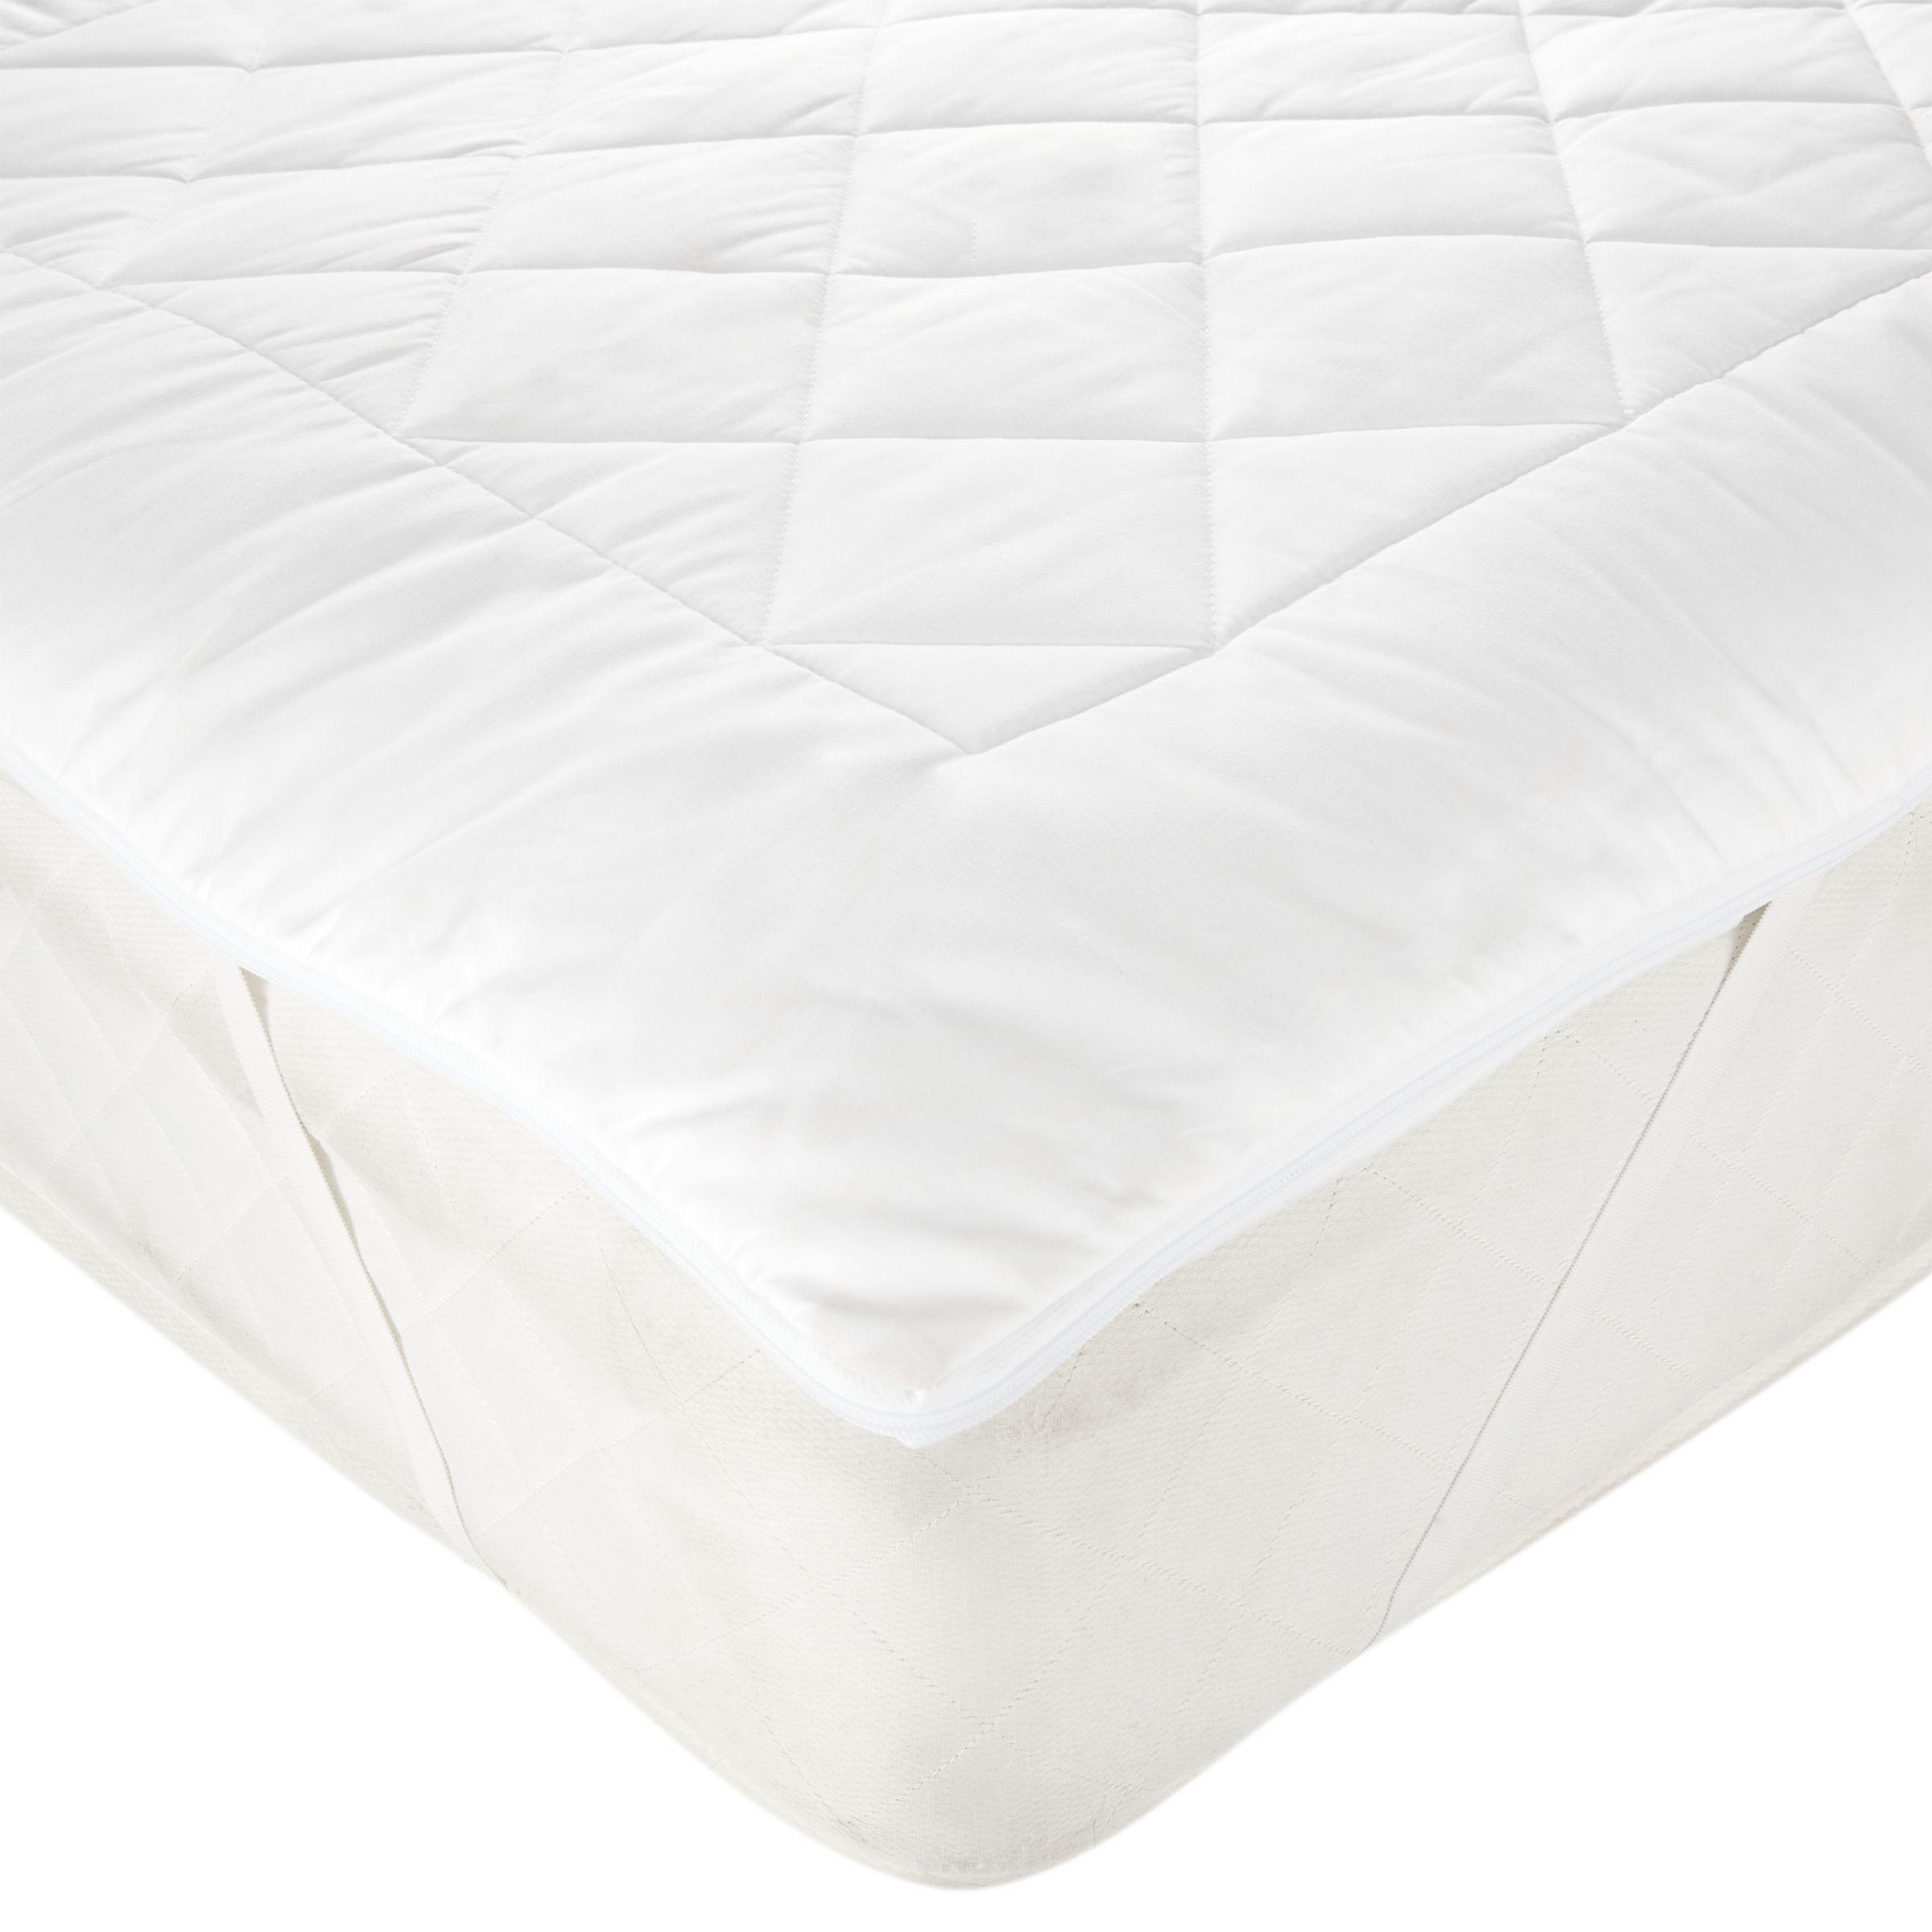 John Lewis & Partners Natural Light Cotton Comfort Dual Layer 3cm Deep Mattress Topper